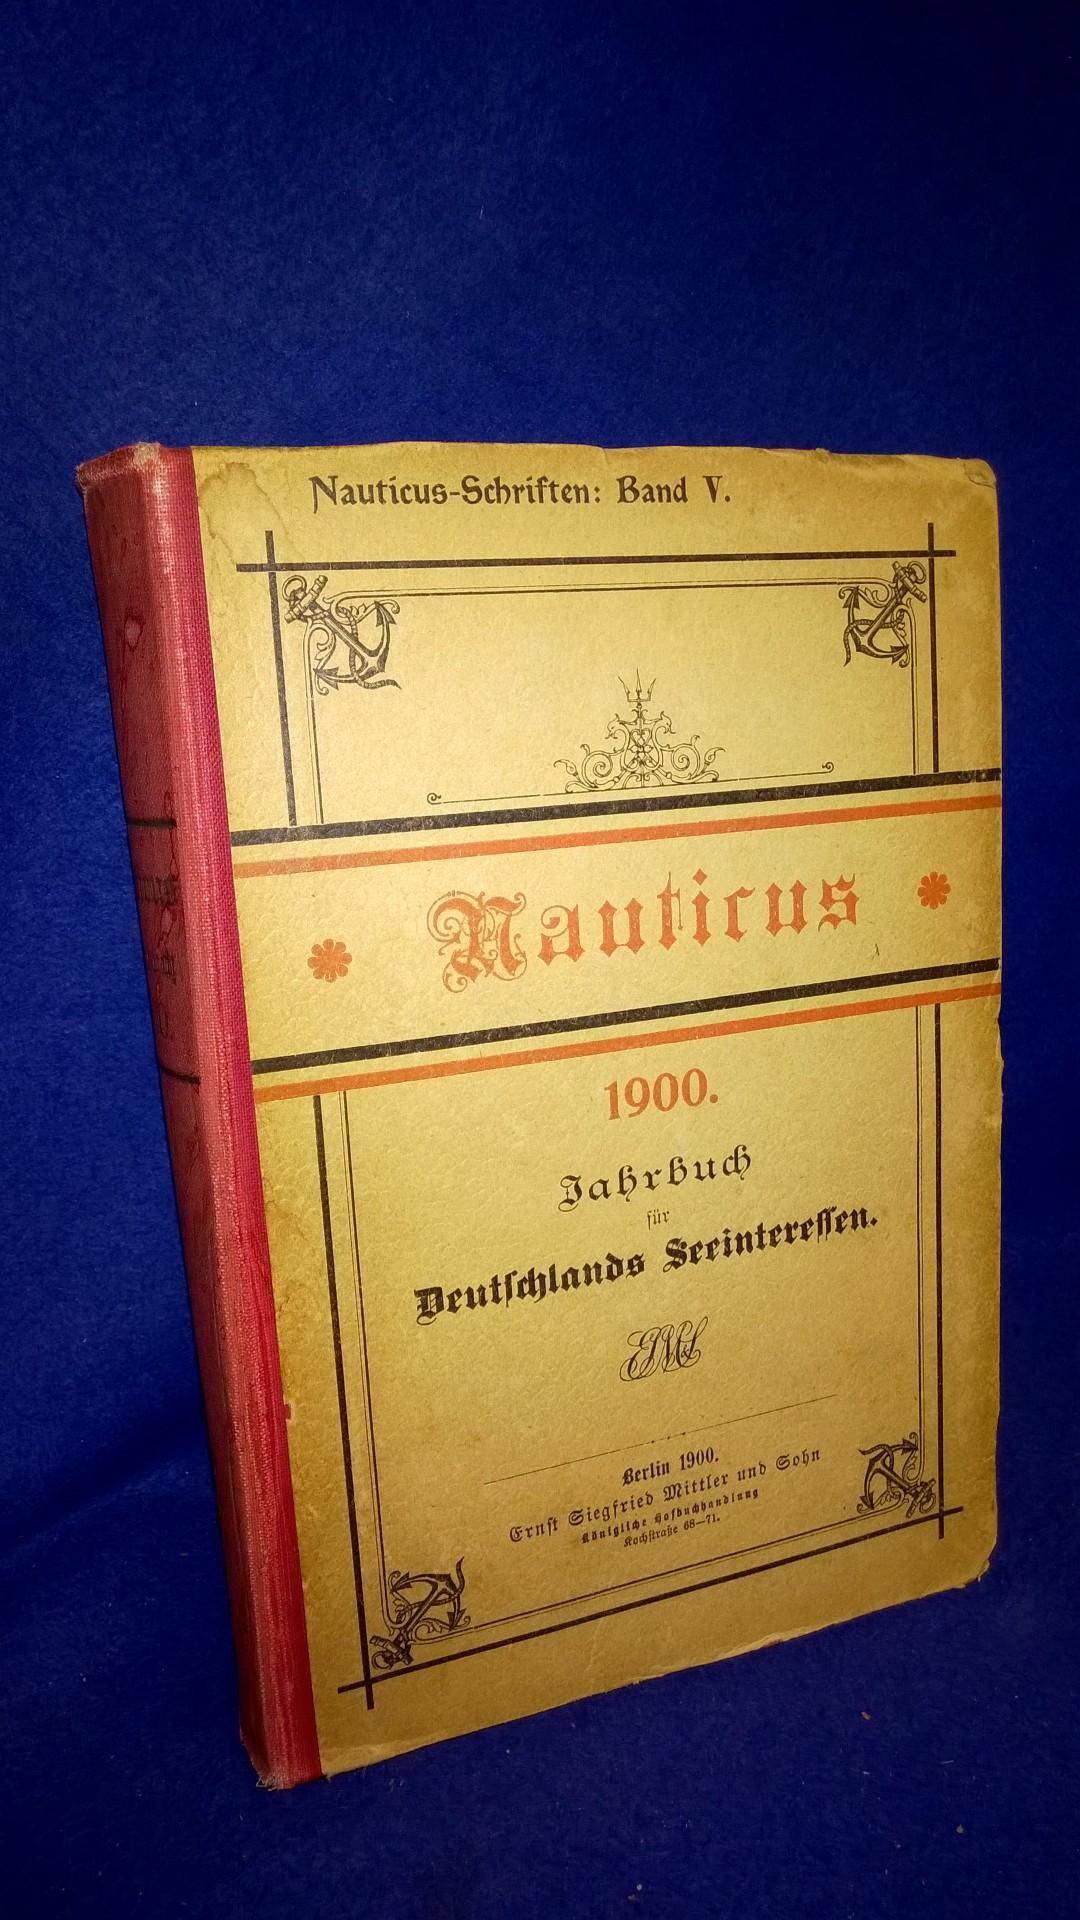 Nauticus. Jahrbuch für Deutschlands Seeinteressen, Jahrgang 1900.